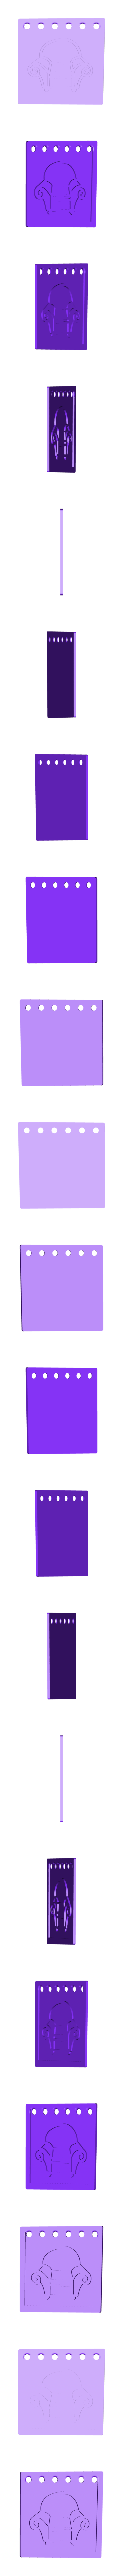 HandyNotebookFront.stl Télécharger fichier STL gratuit Handy Dandy Notebook • Design pour imprimante 3D, stensethjeremy